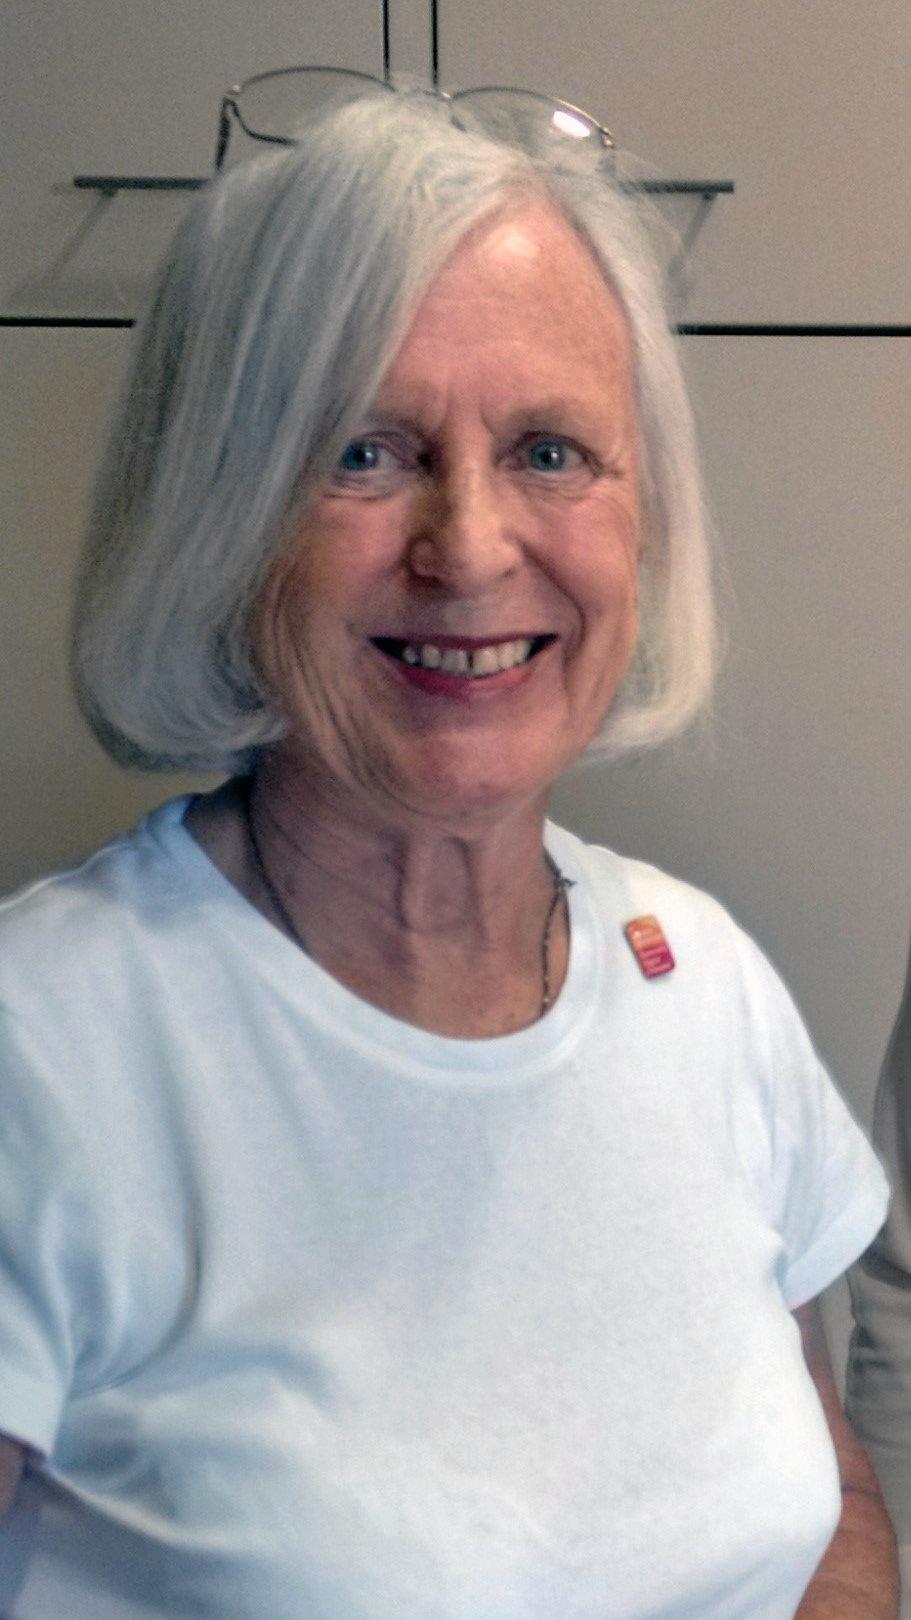 Local legend Ann Moffatt